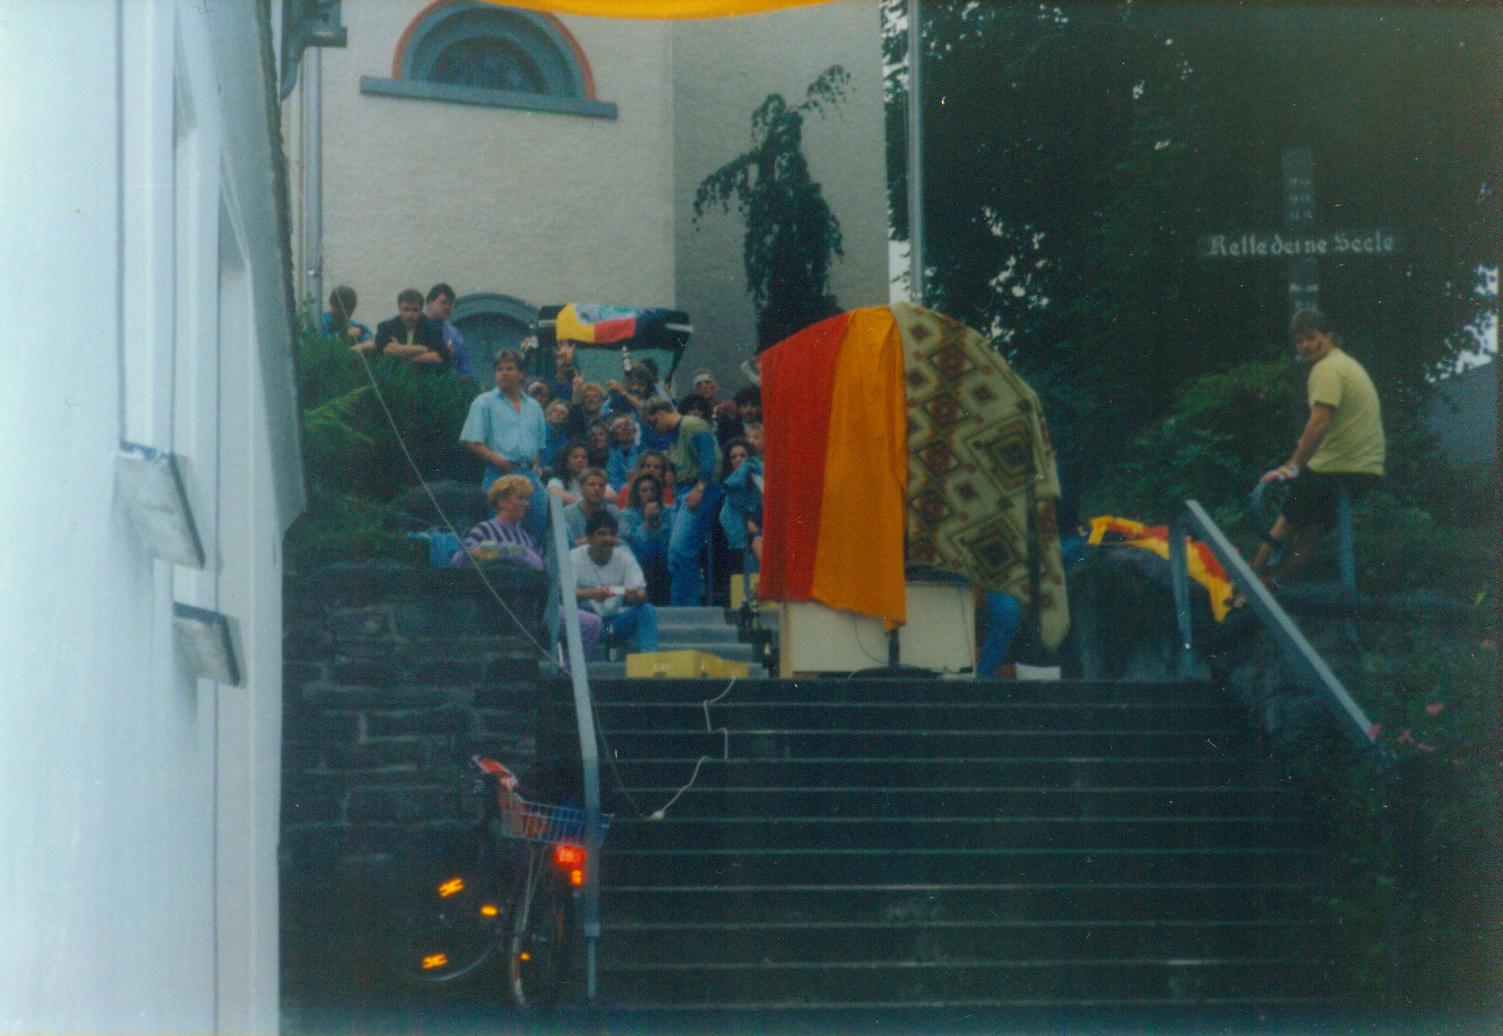 Bild von Public Viewing auf den Kirchentreppen